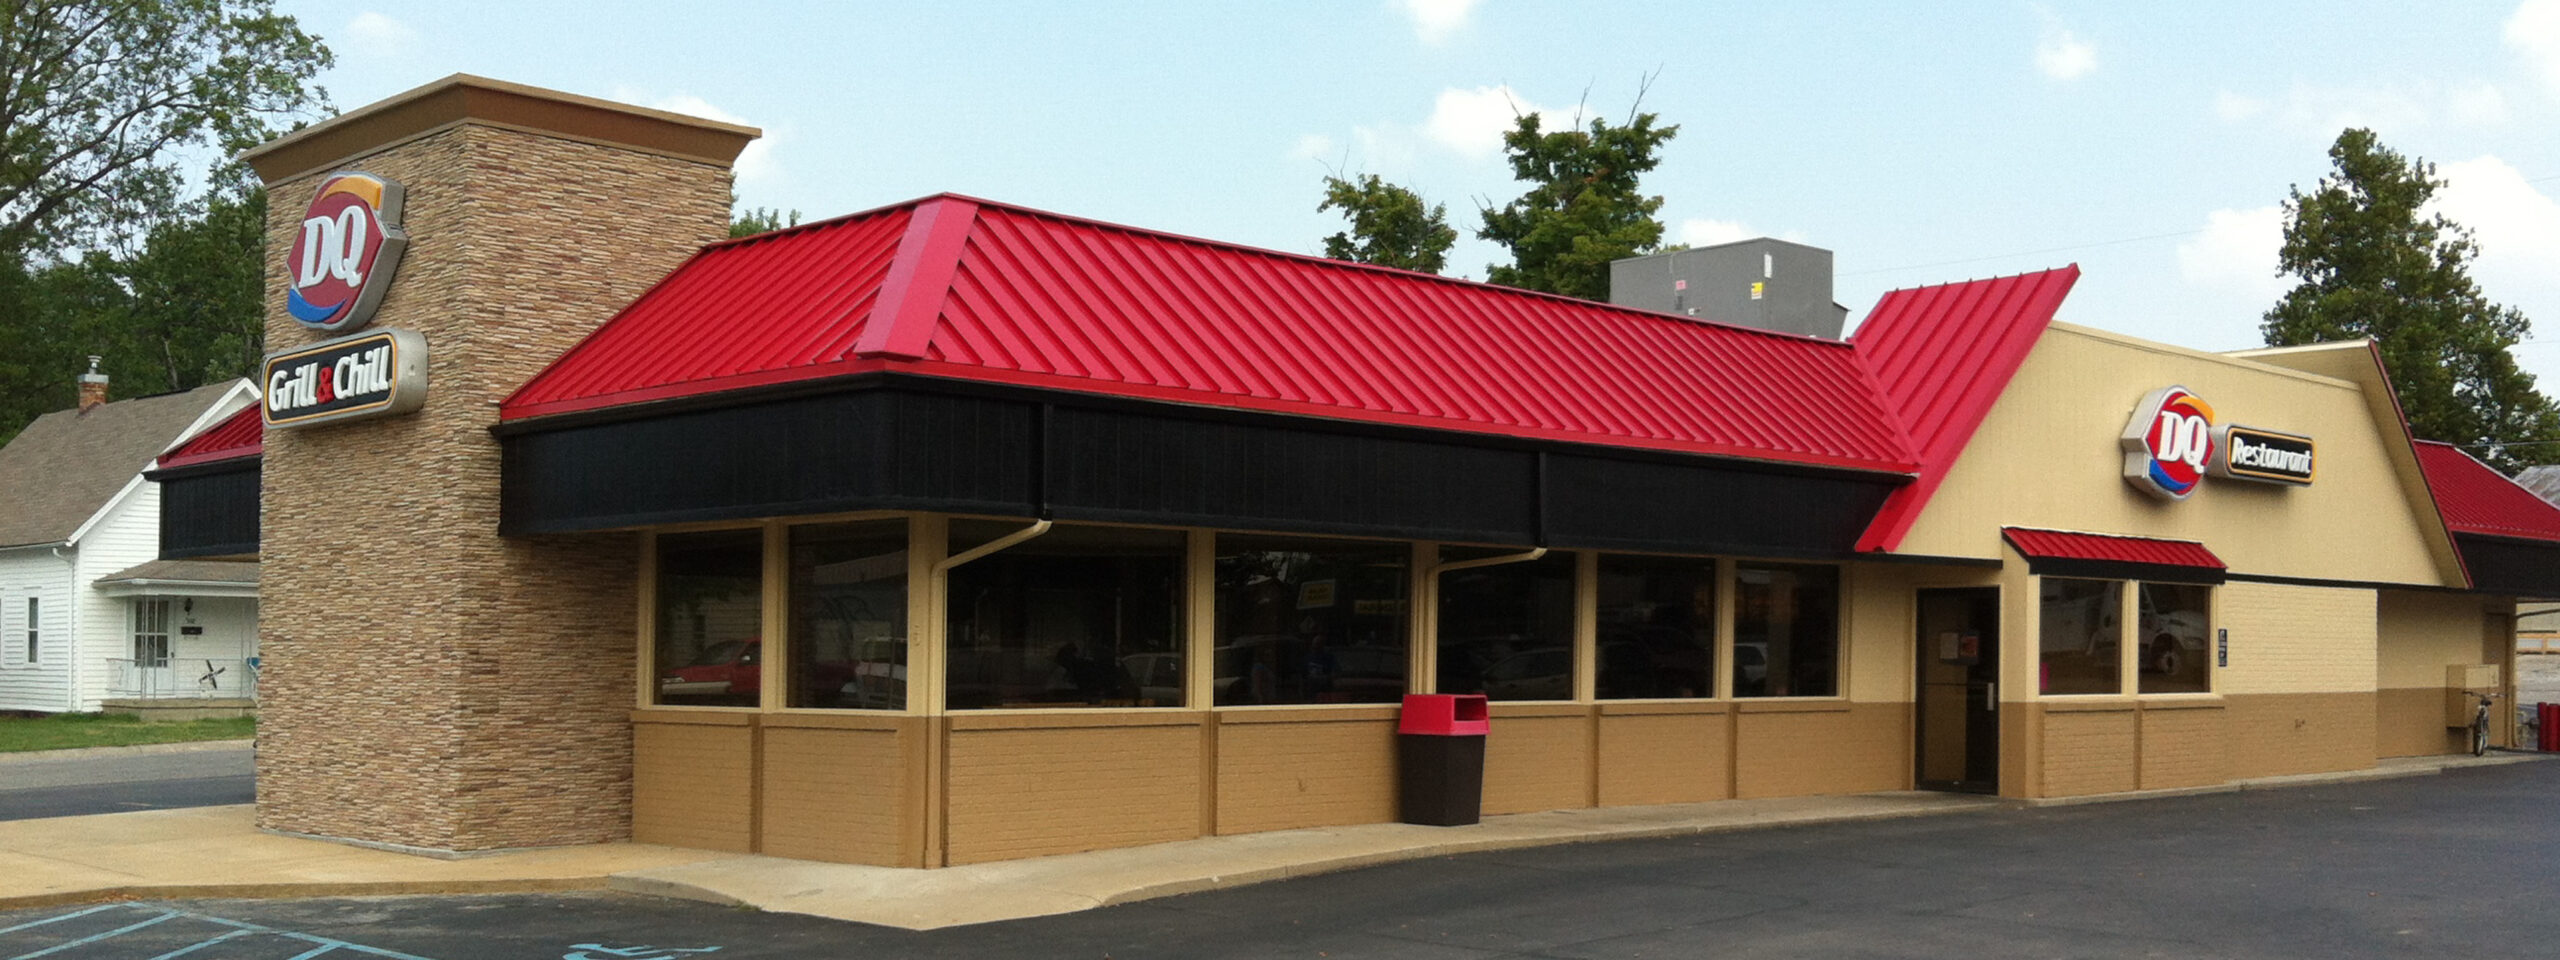 Brownstown, IN Fourteen Foods DQ Restaurant